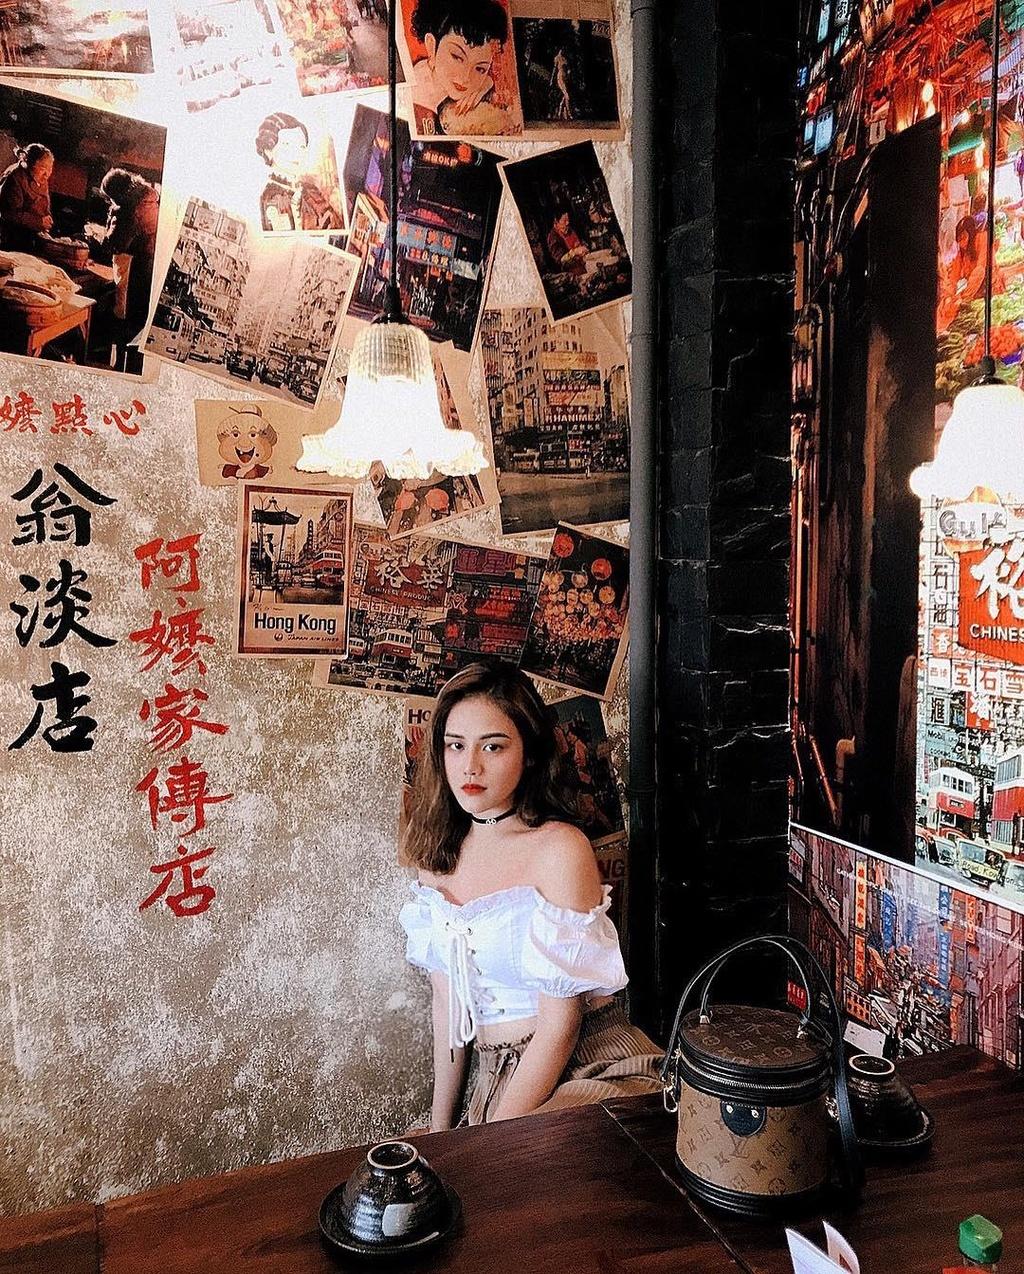 4 nha hang Hong Kong ngon, nhieu goc check-in ao dieu o TP.HCM hinh anh 3